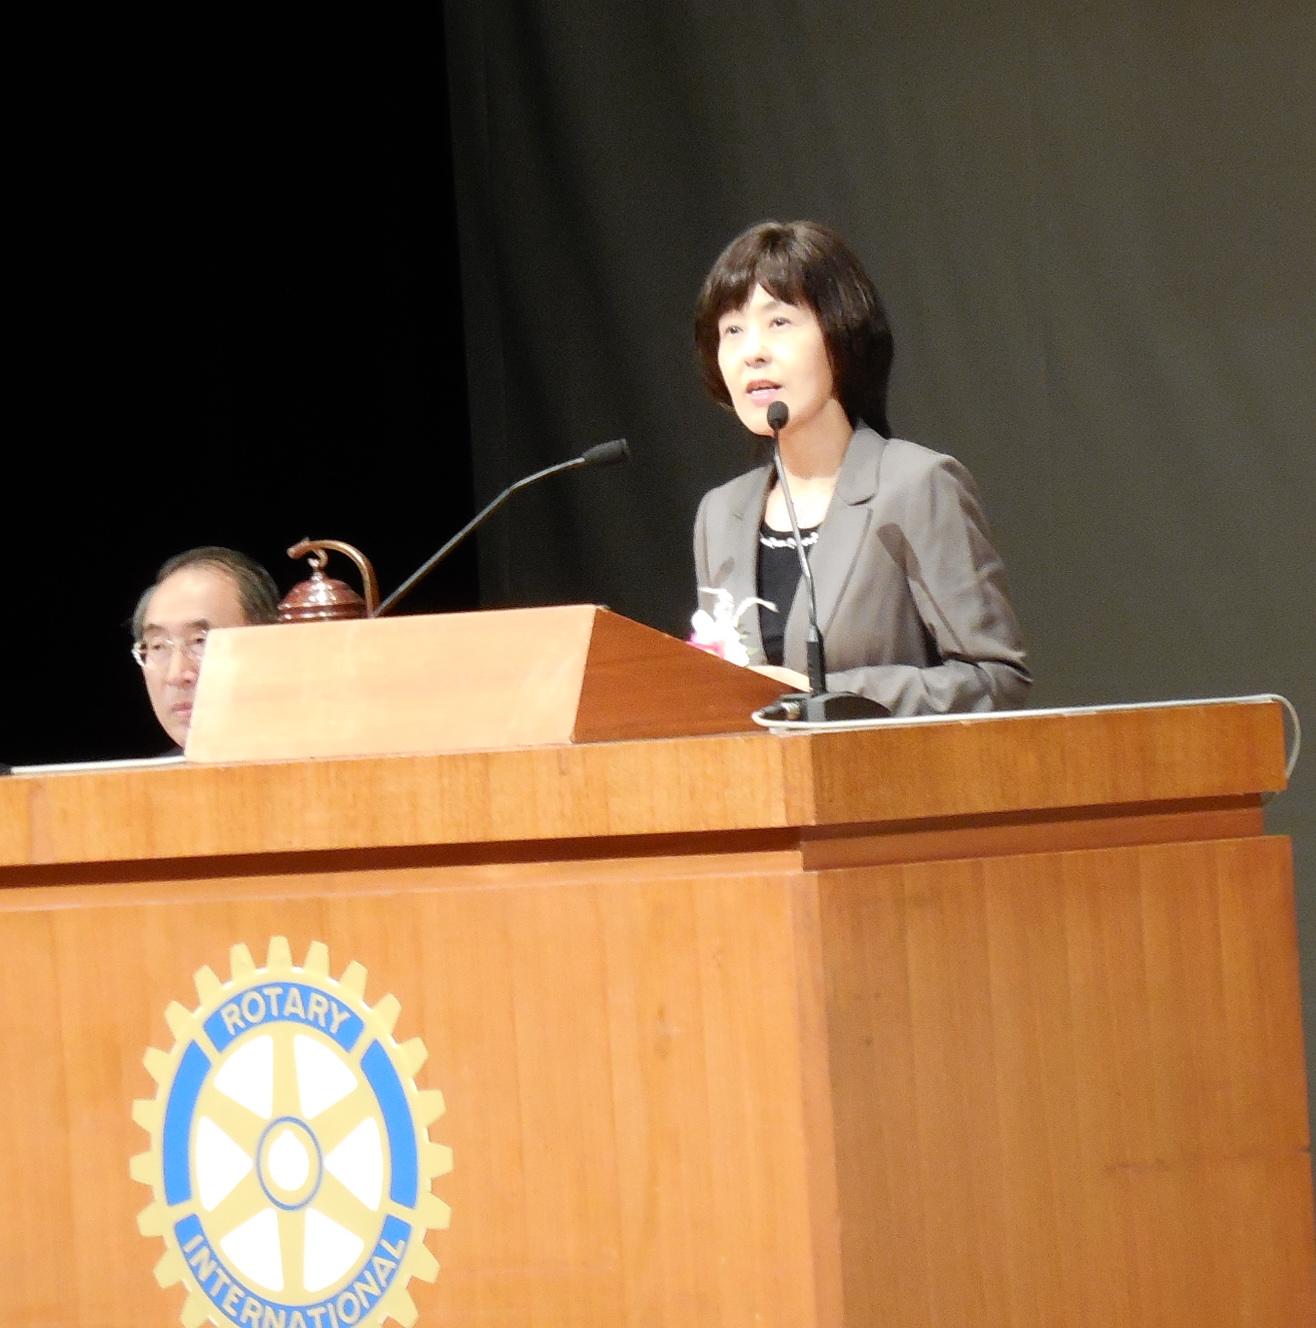 高橋知事 ※高橋知事のご挨拶の様子です。 高橋知事のご挨拶の後は、表彰式が執り行われました。当ク